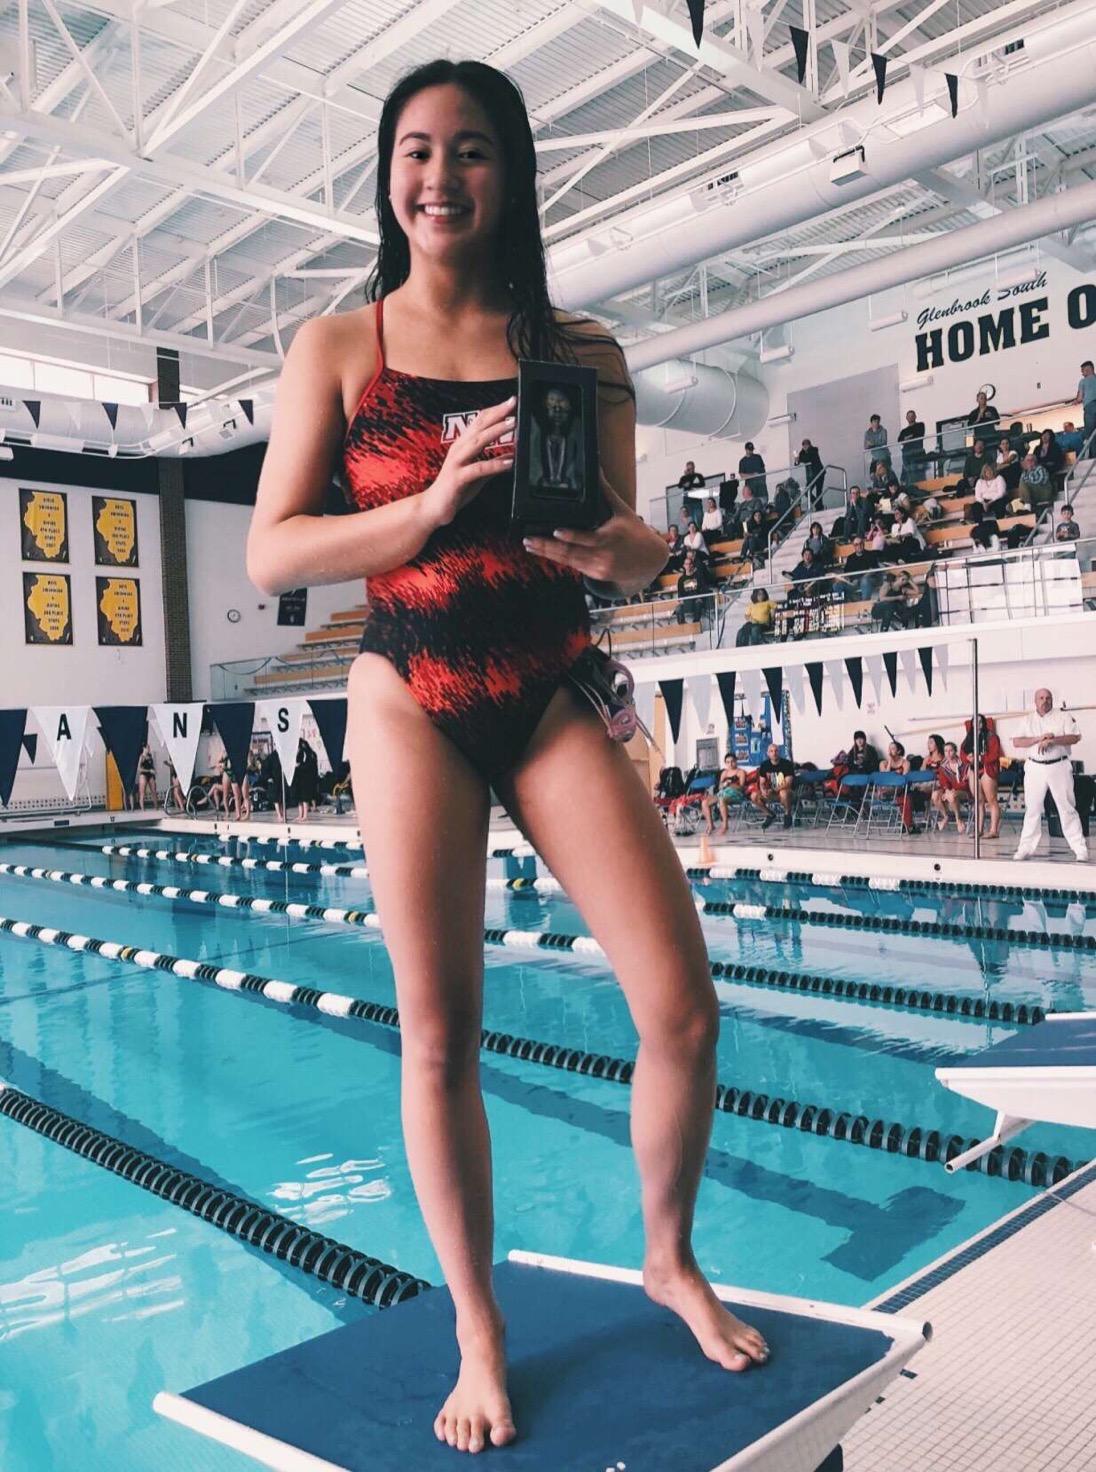 Junior Lian Fong posing after winning an award during her swim meet.